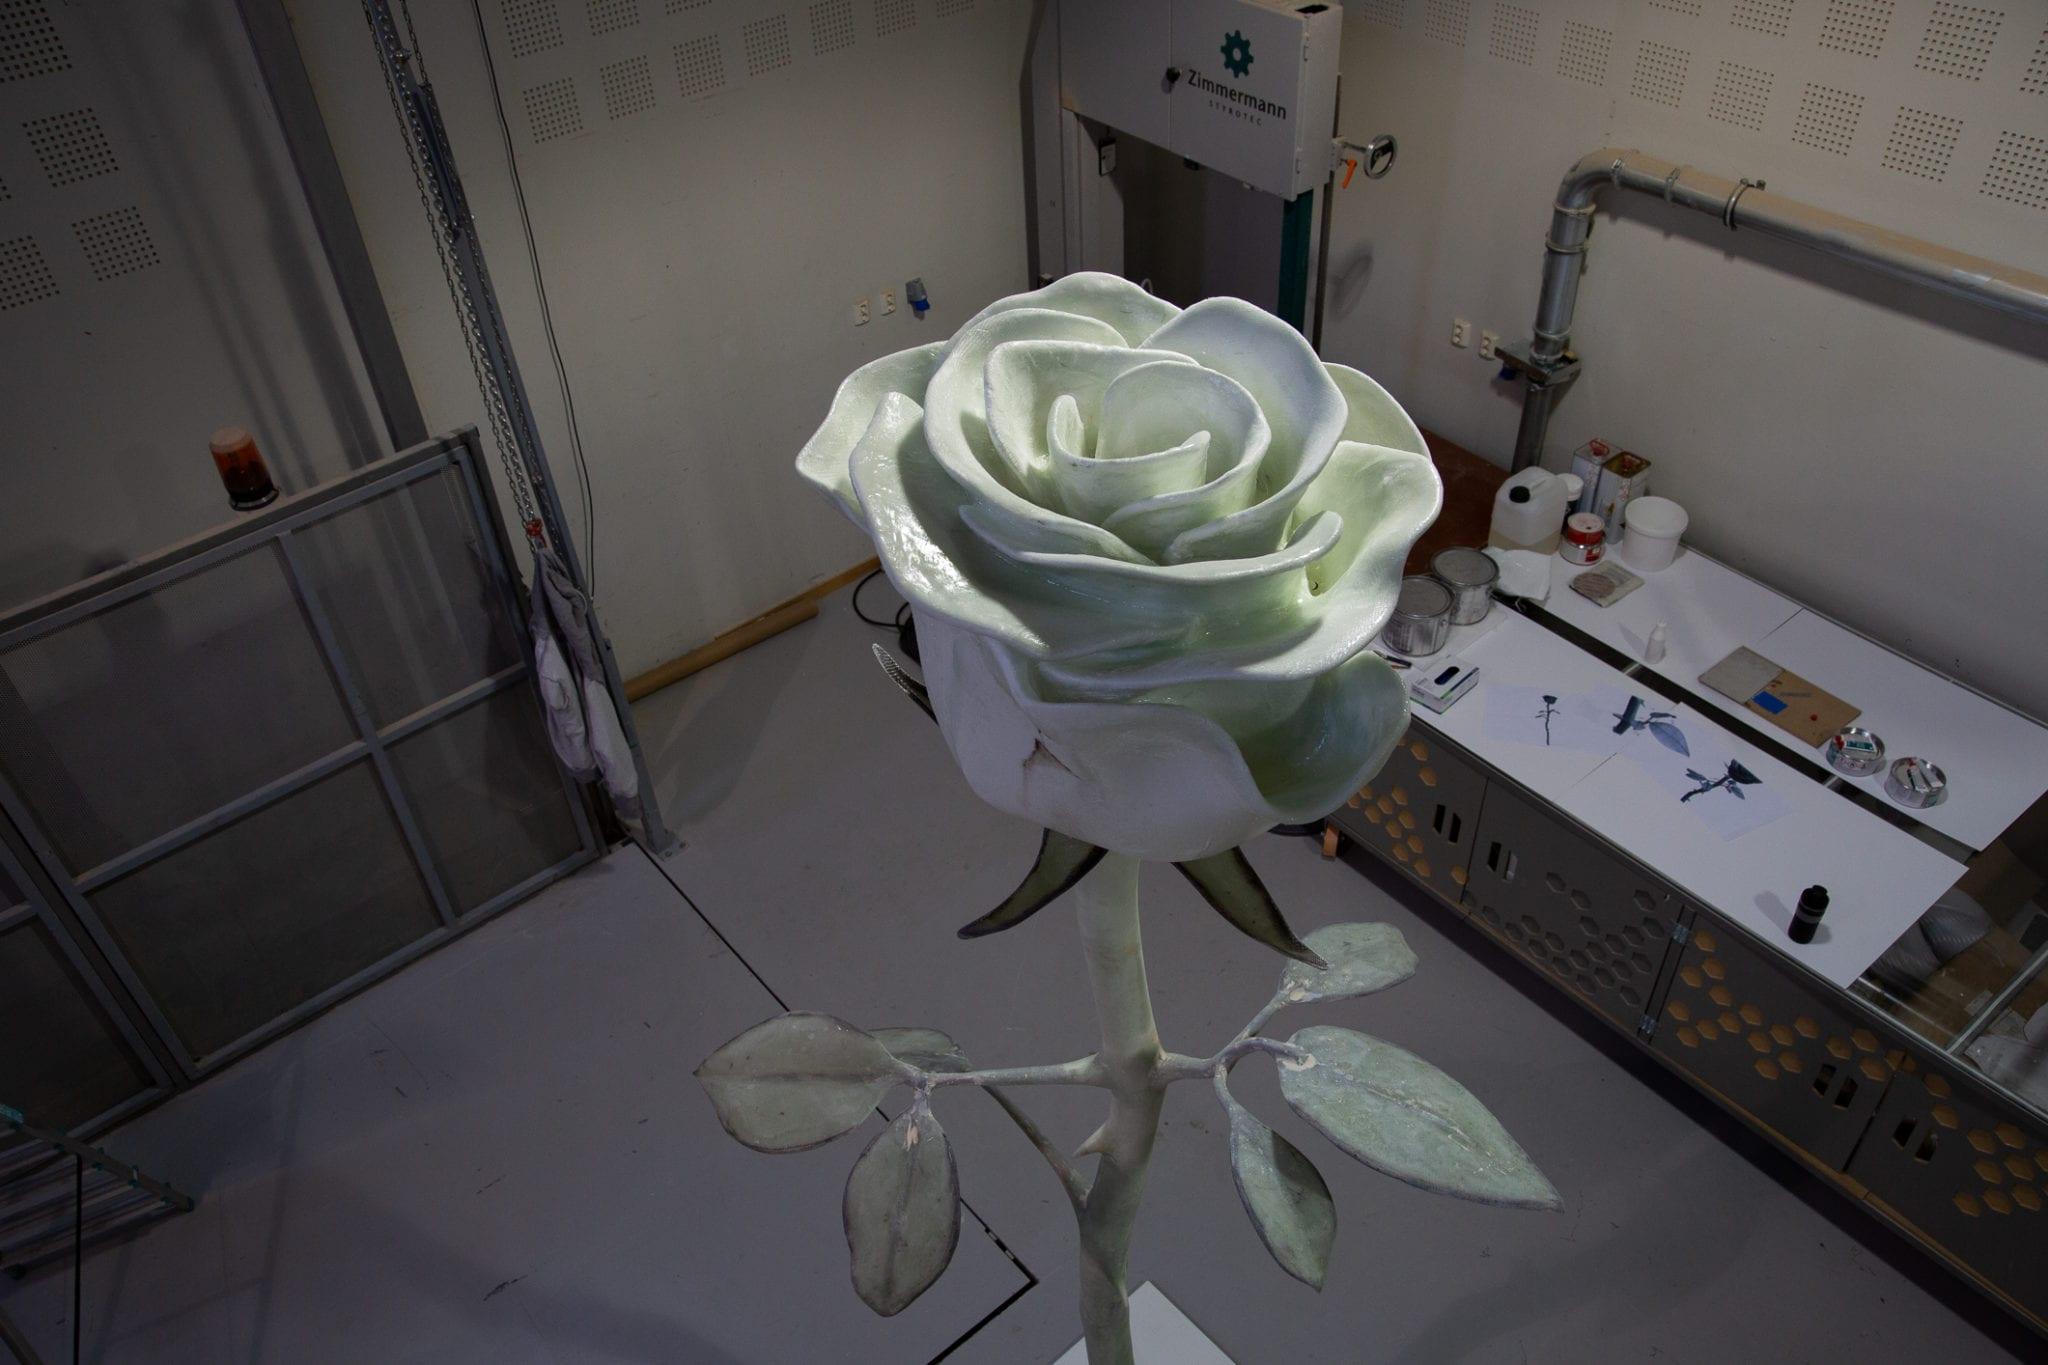 Bilde av den Hvite Rose under arbeid - Eker Design Fredrikstad - Roseslottet 2020